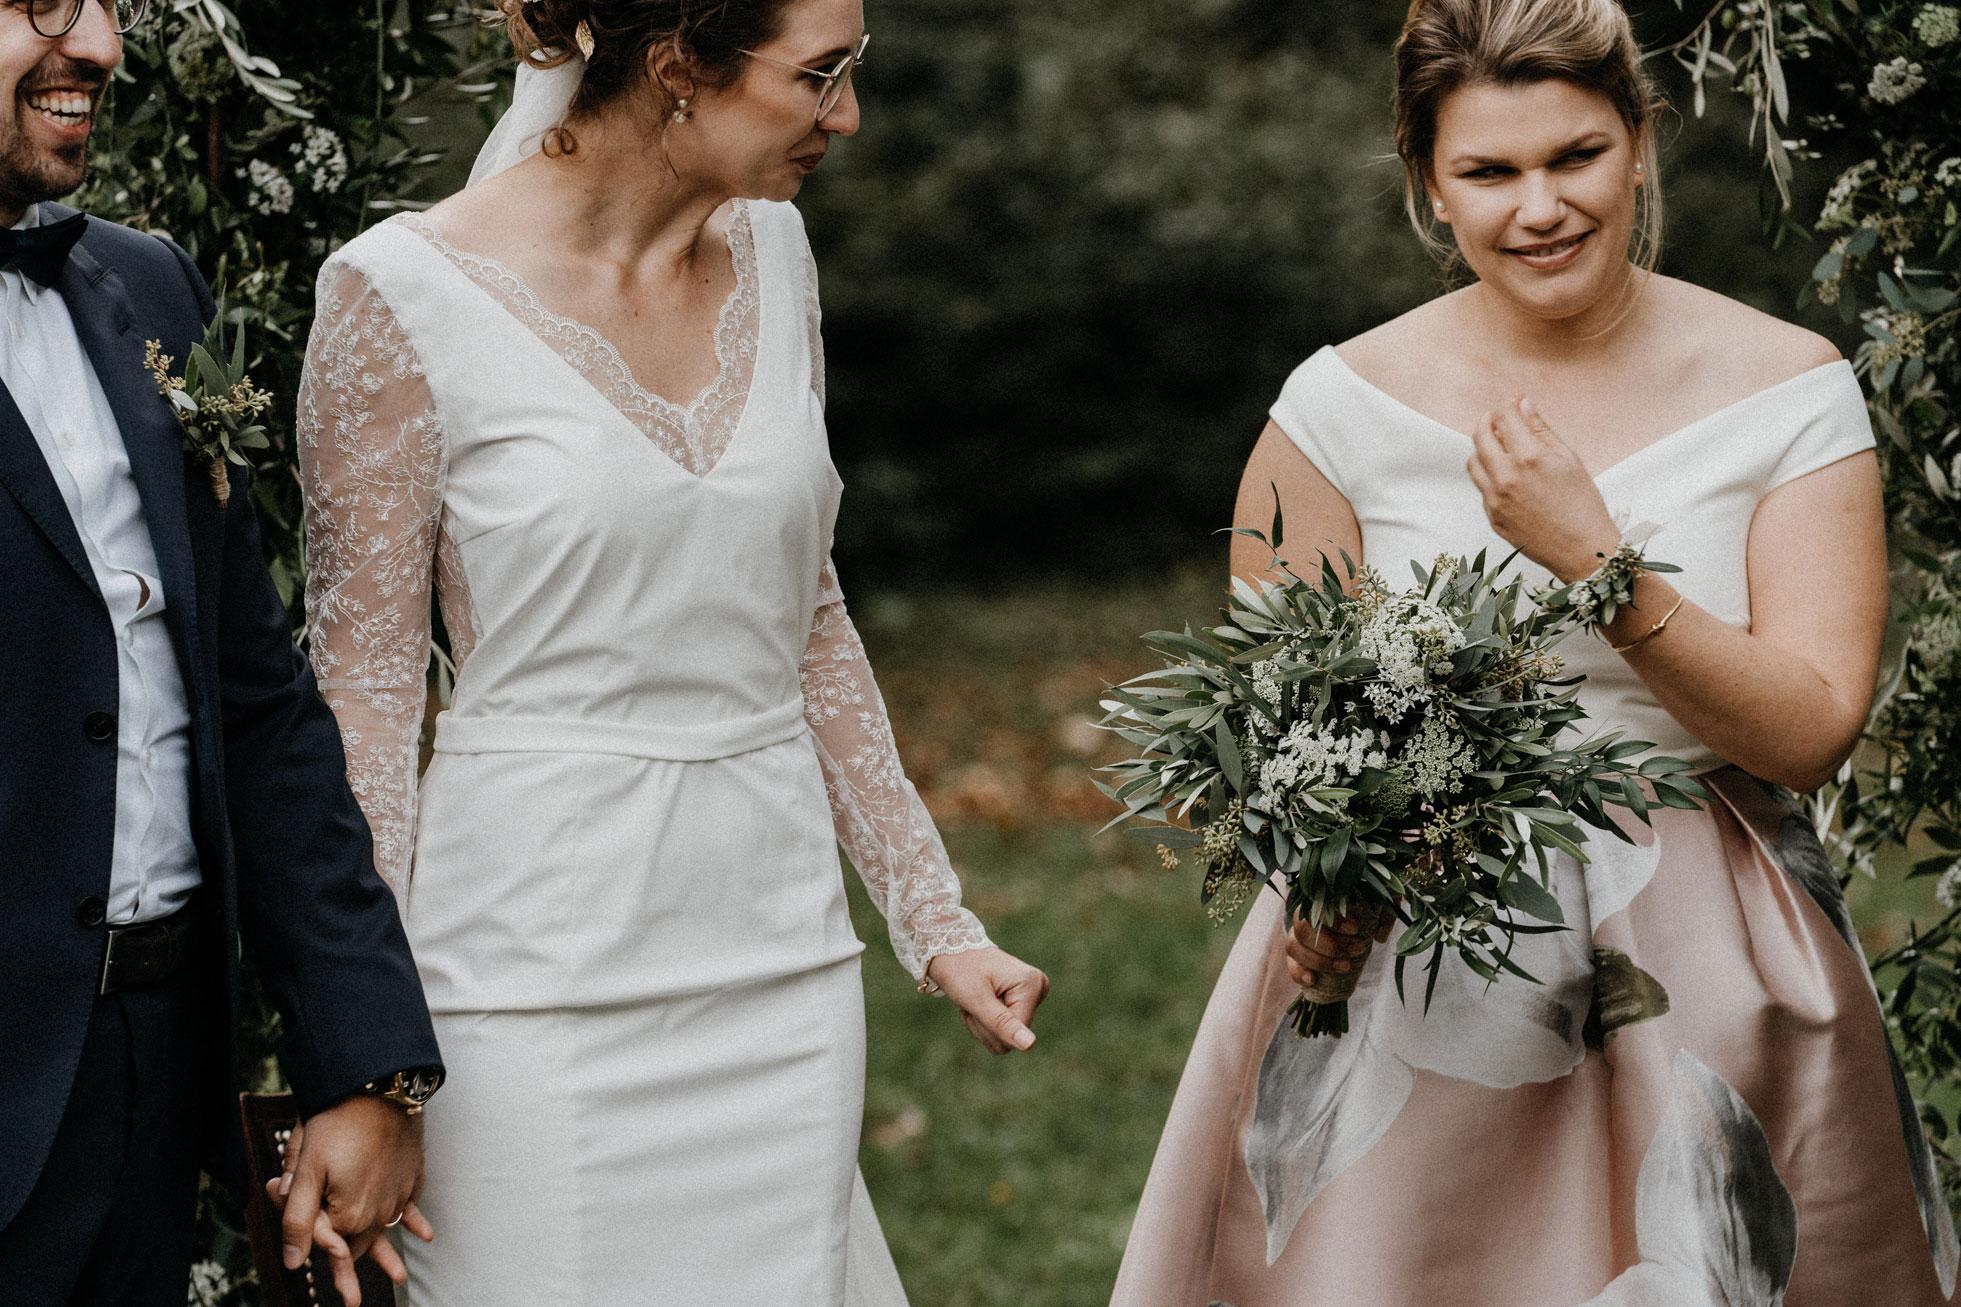 Hochzeit_Claire_Manuel_Villa_Maund_Daniel_Jenny-204.jpg